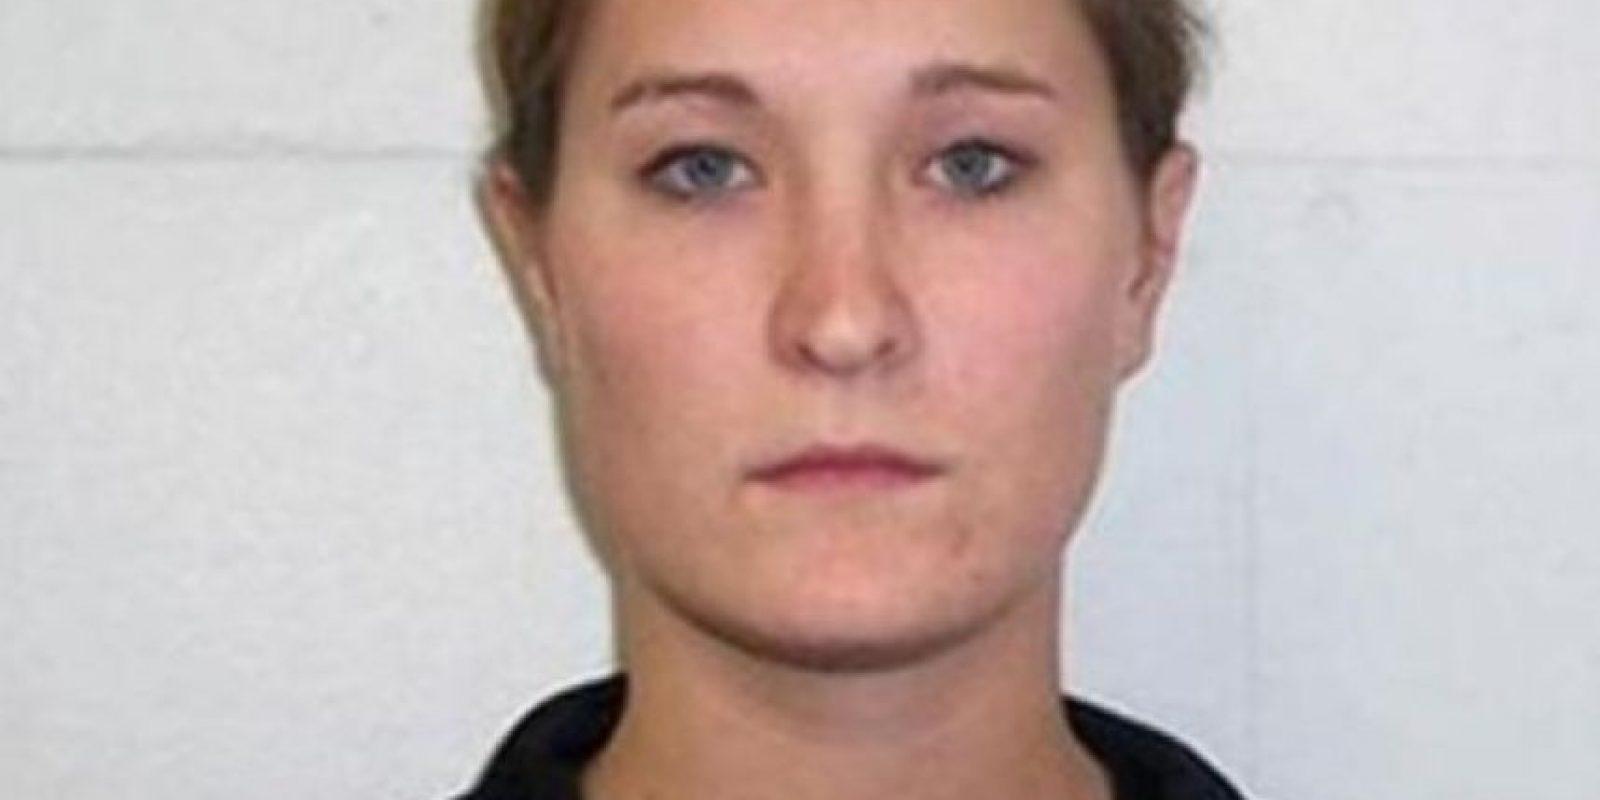 Ashley Anderson era maestra de matematicas en Iowa hasta que fue acusada de tener relaciones sexuales inapropiadas con cuatro estudiantes. Foto: Iowa Department of Public Safety